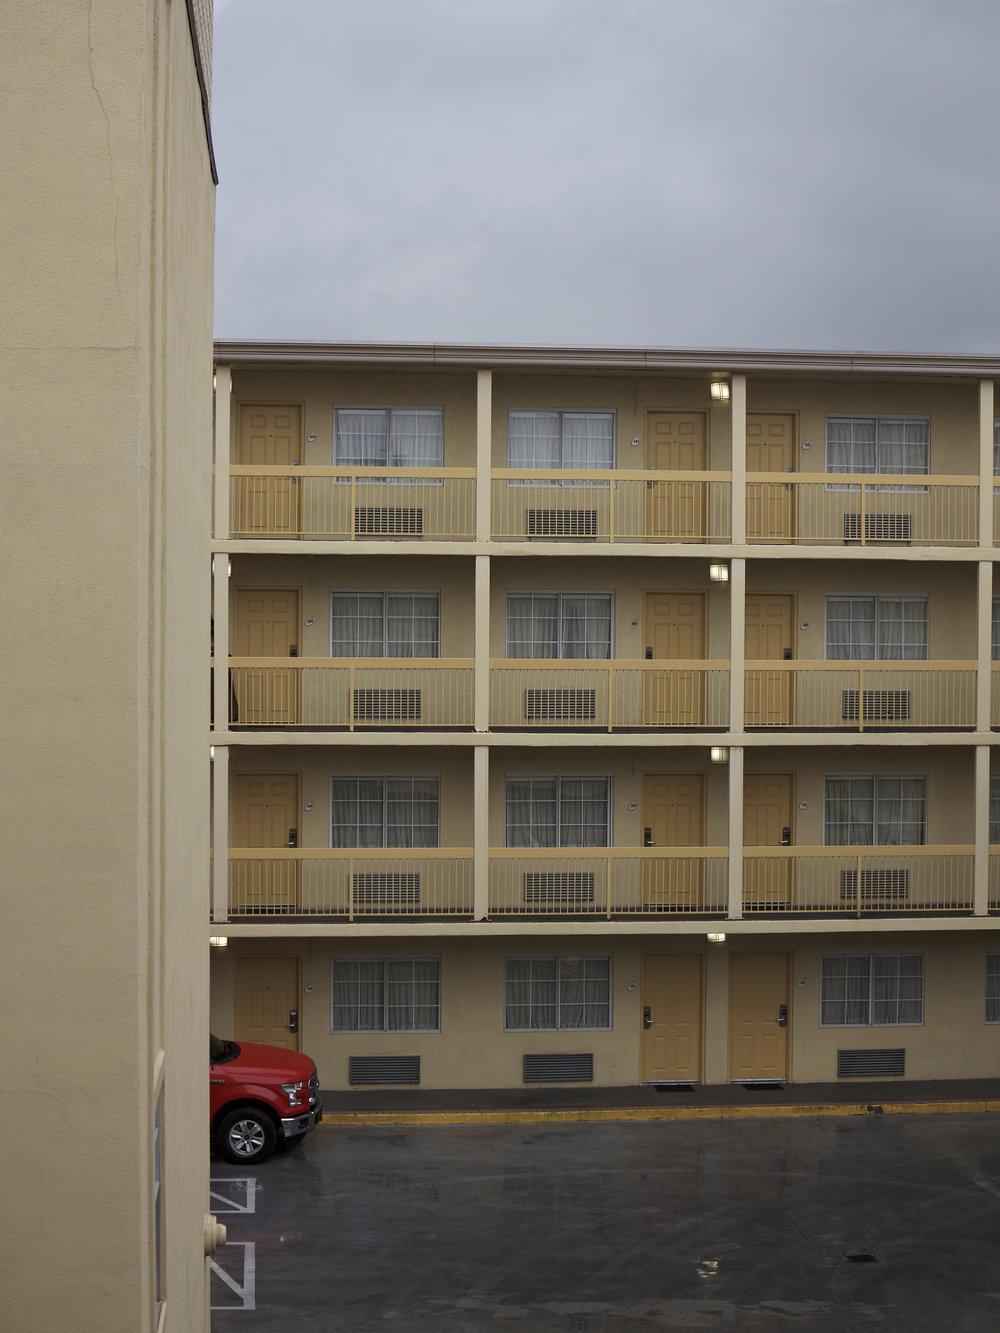 Austin_Motel_IMG_6777.jpg